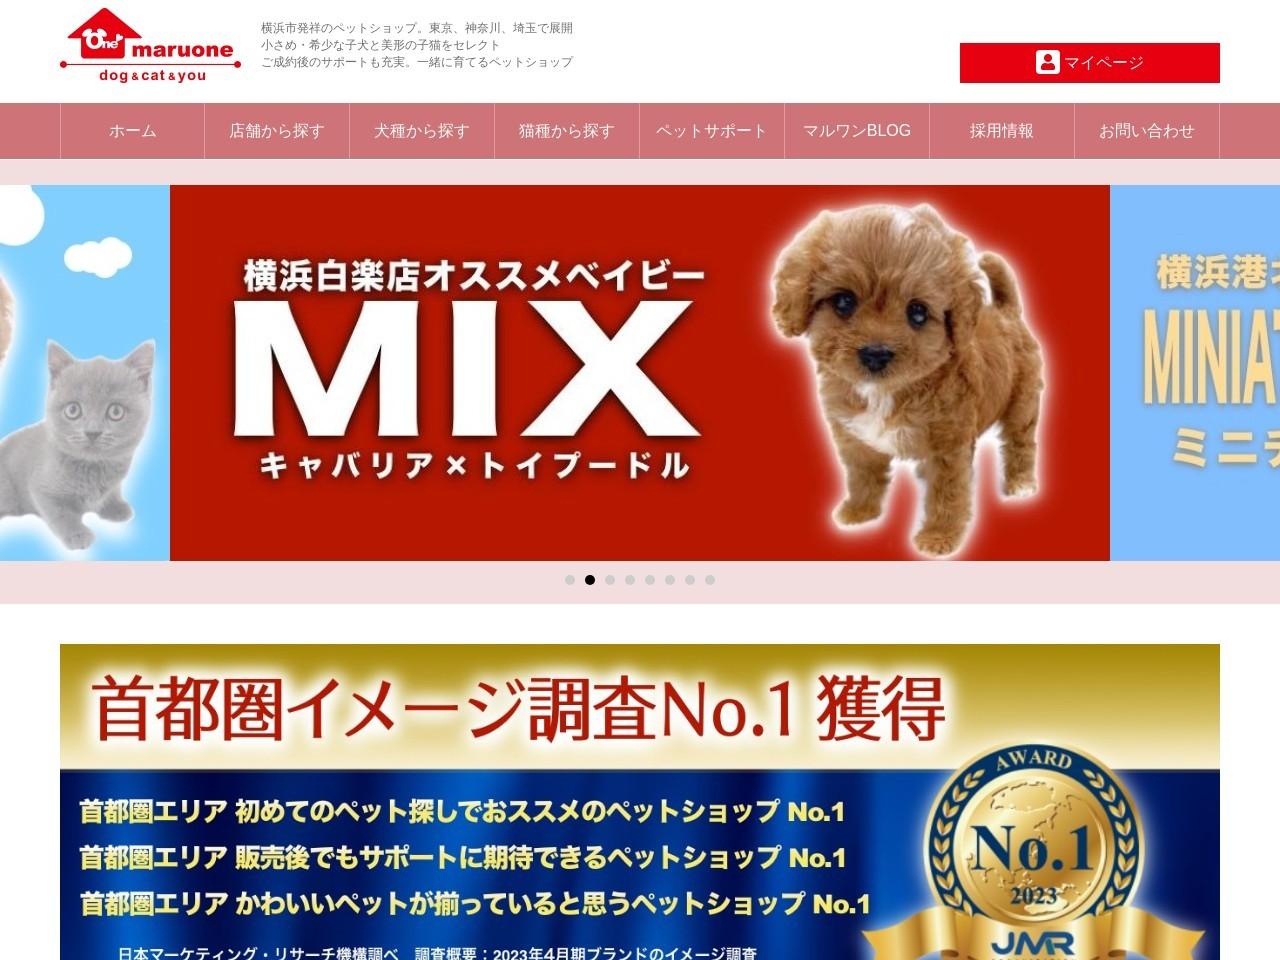 マルマルワンワン本羽田店